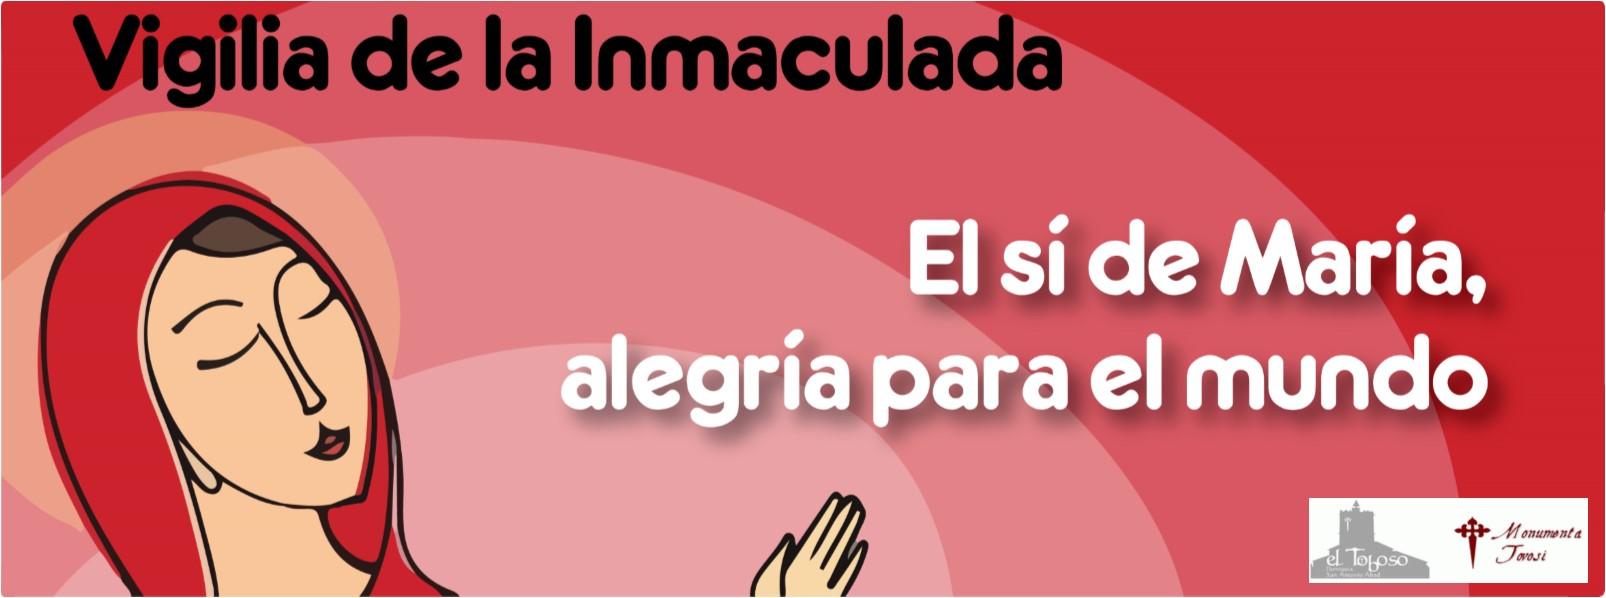 «Gran Vigilia de la Inmaculada Concepción»